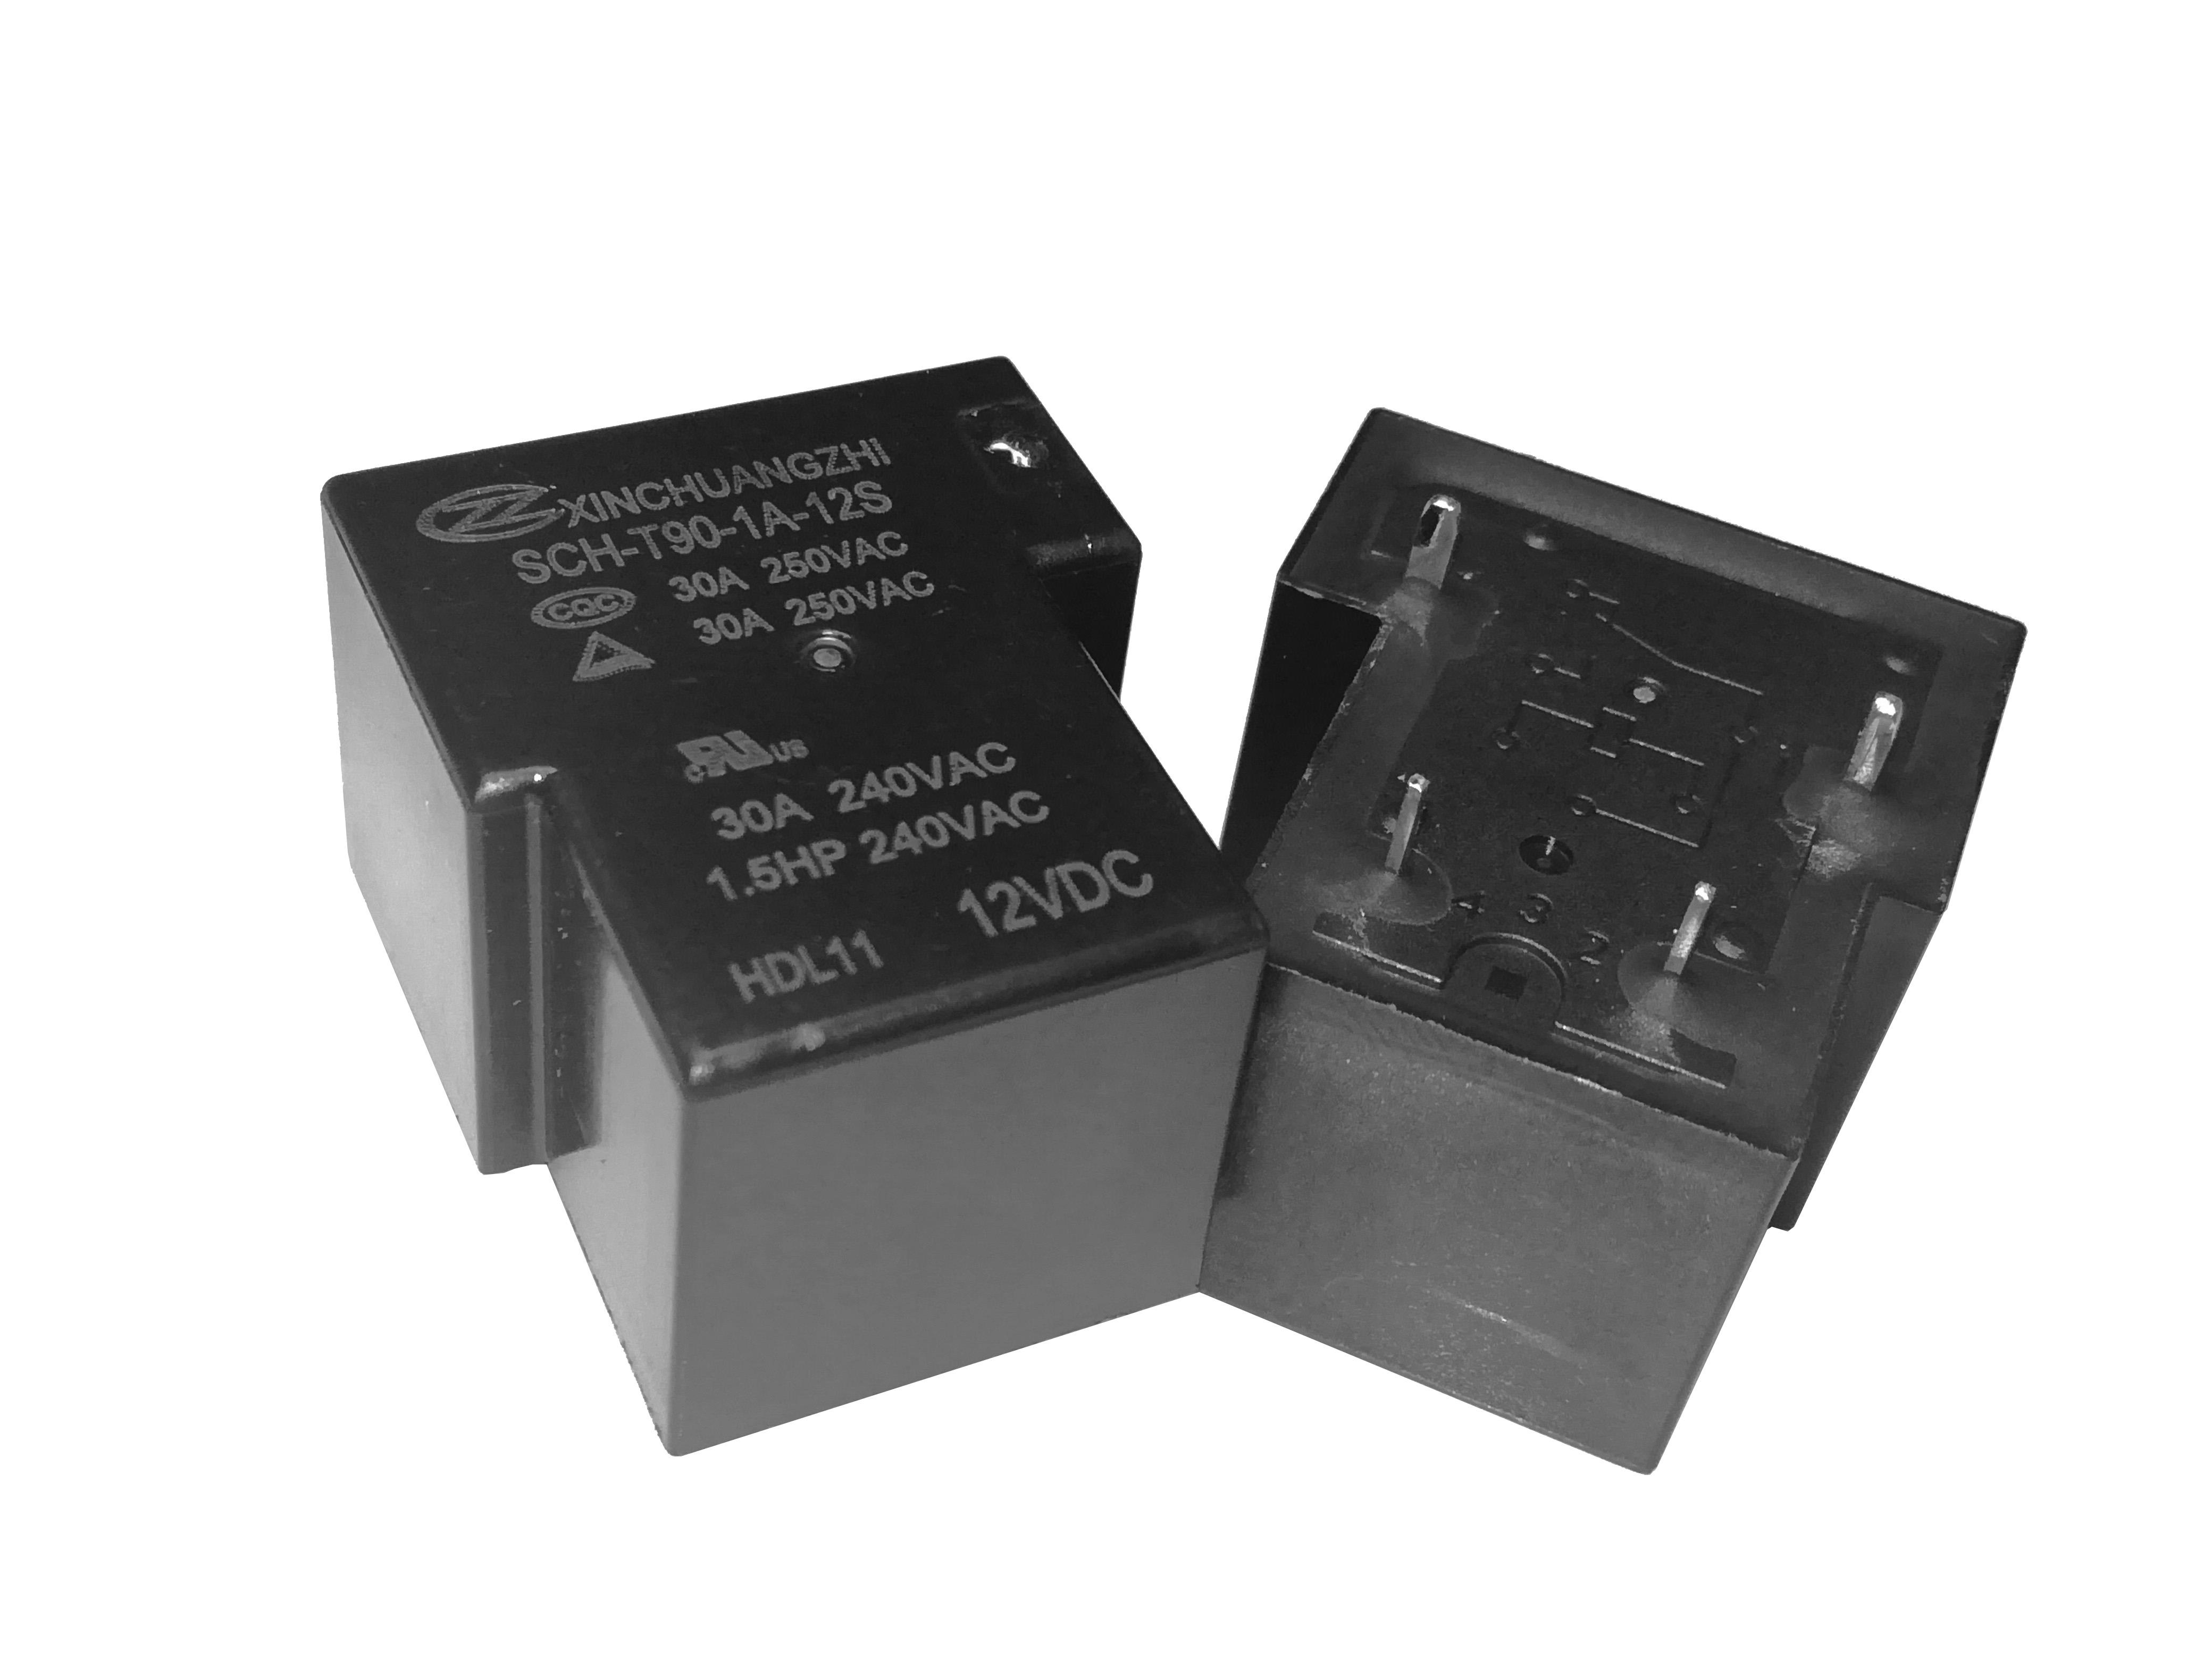 SCH-T90-30A